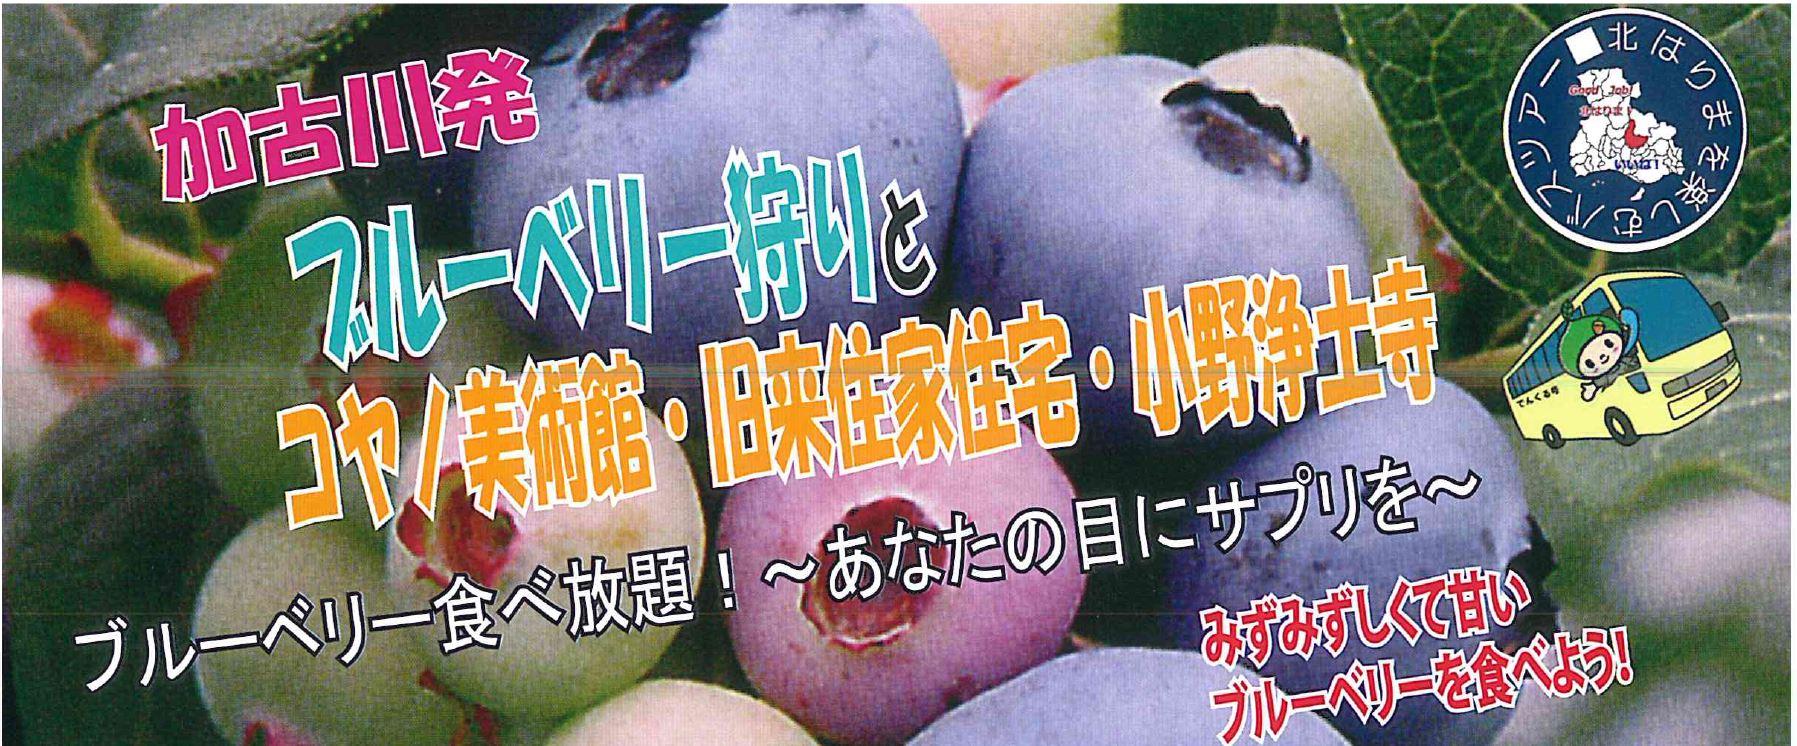 加古川発ブルーベリー狩りバスツアー(5/23)